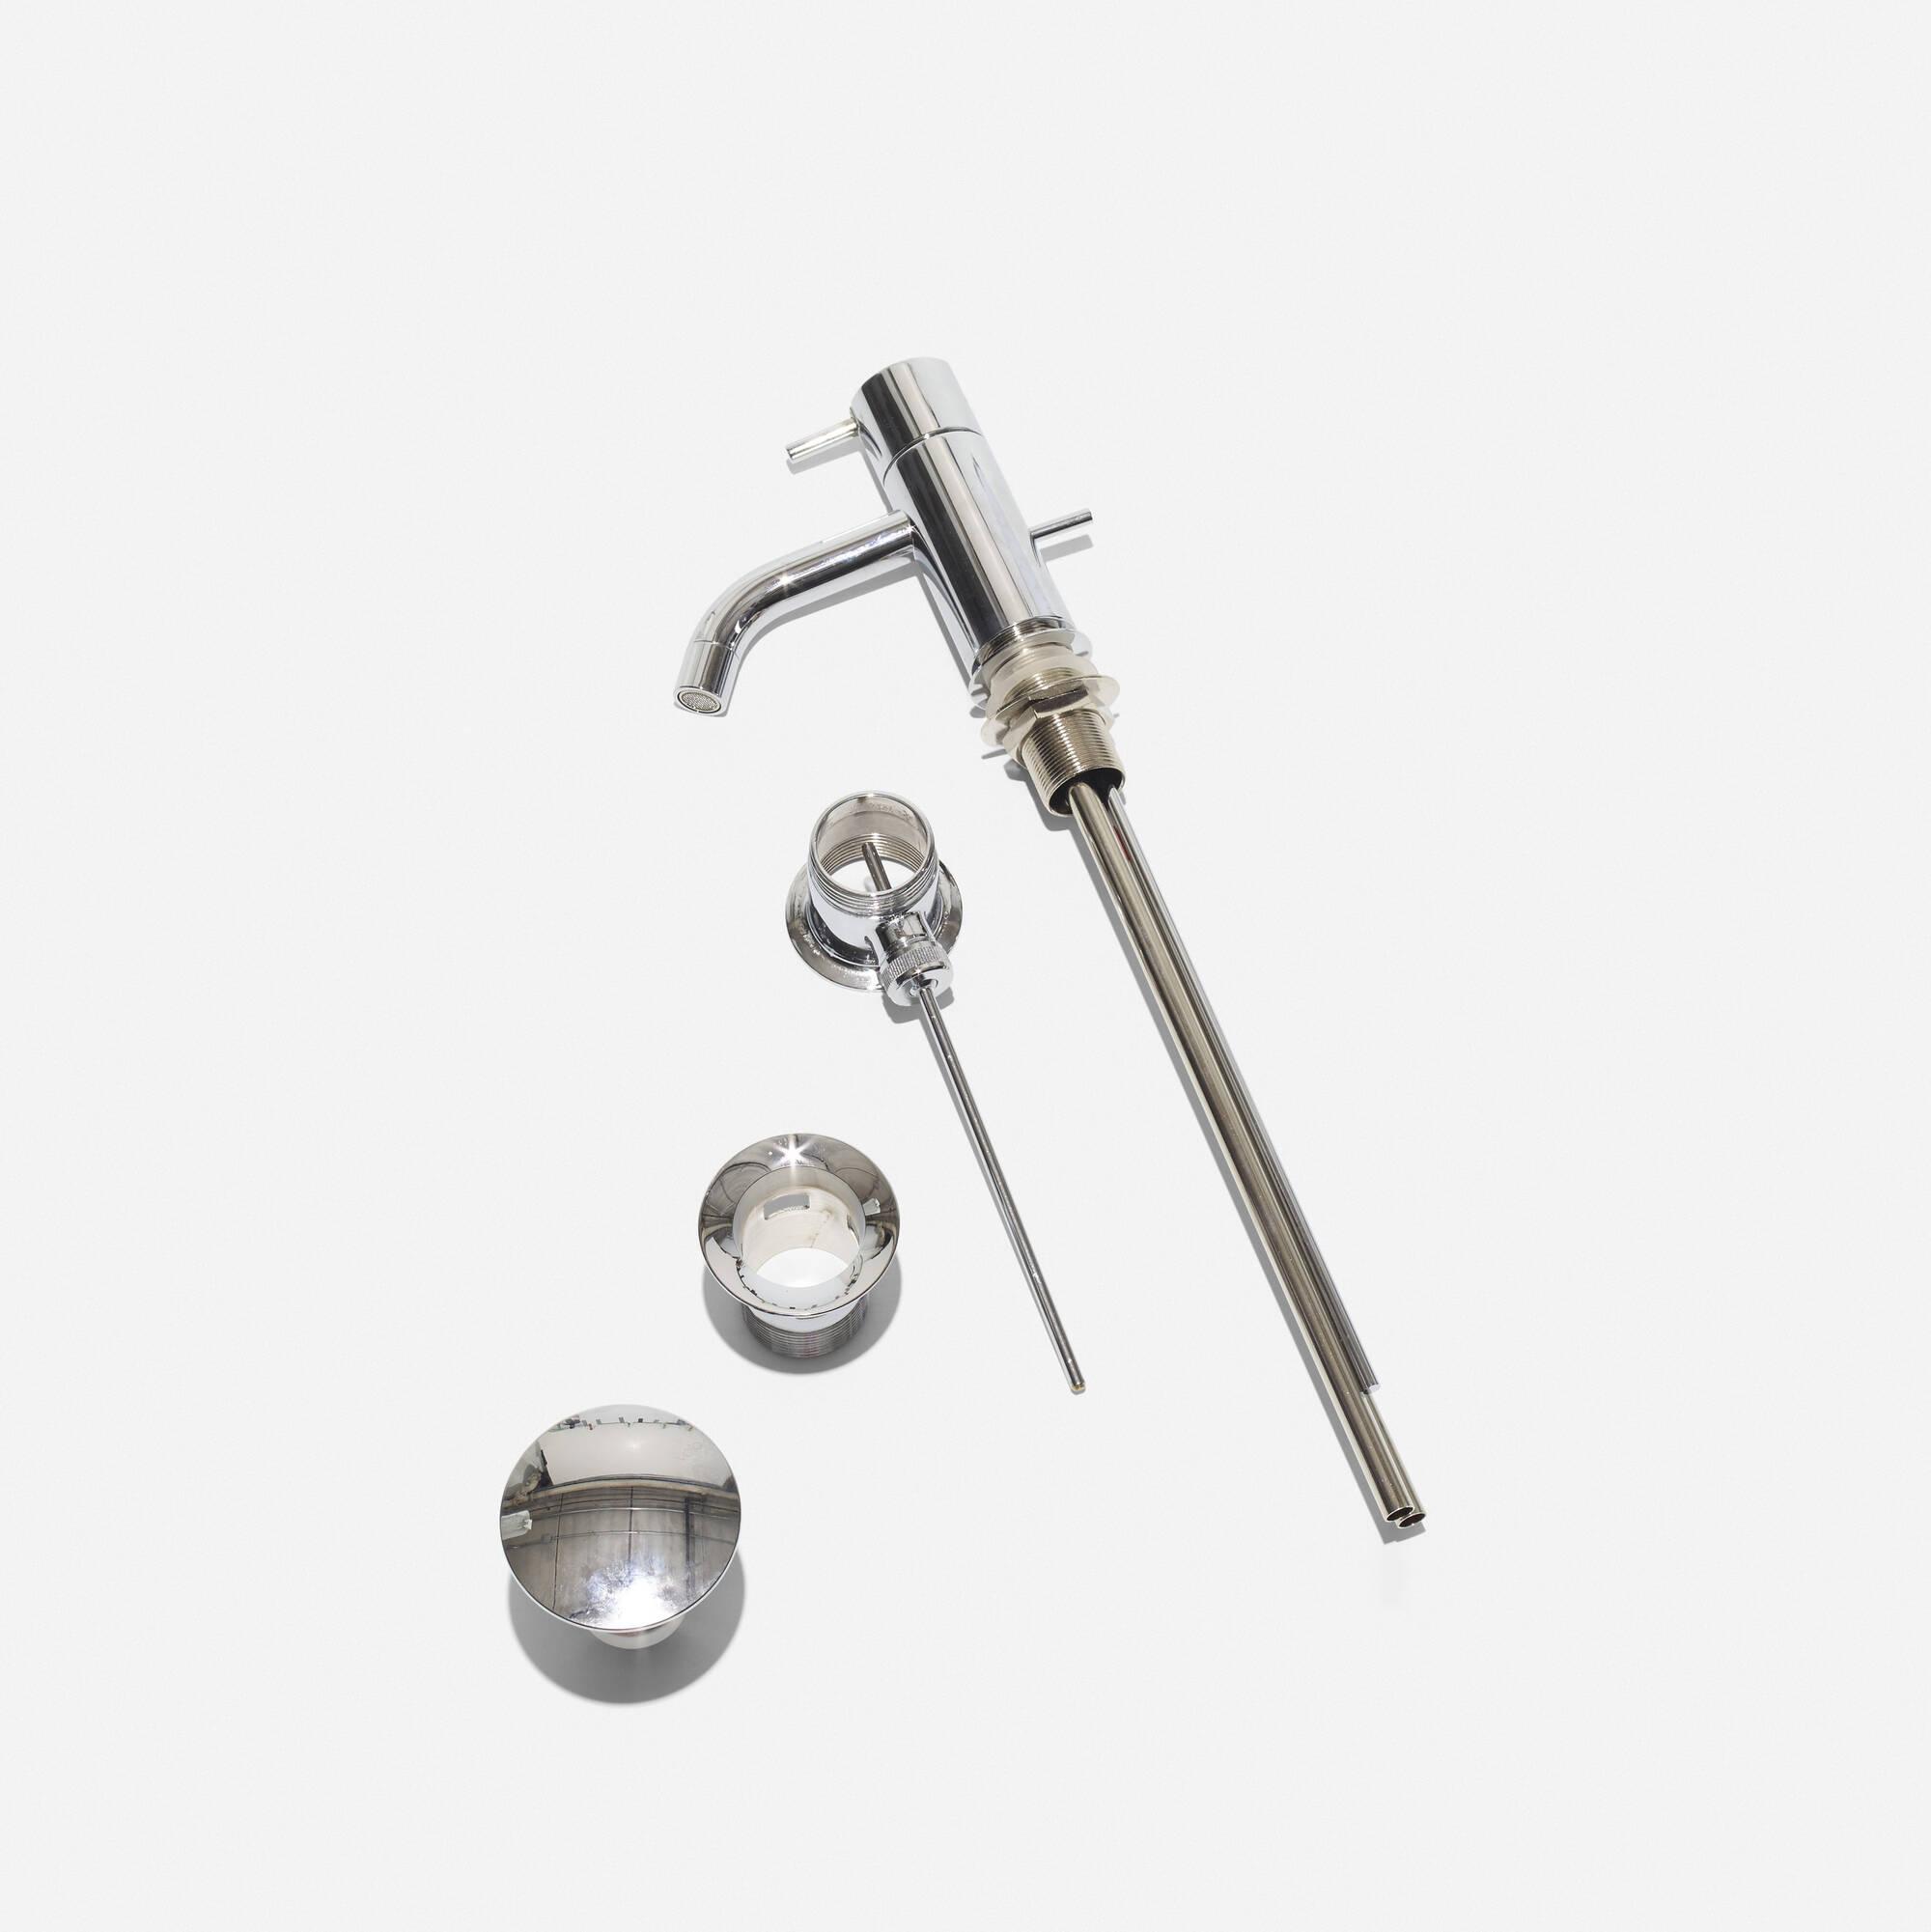 470: Arne Jacobsen / HV1 faucet (1 of 1)